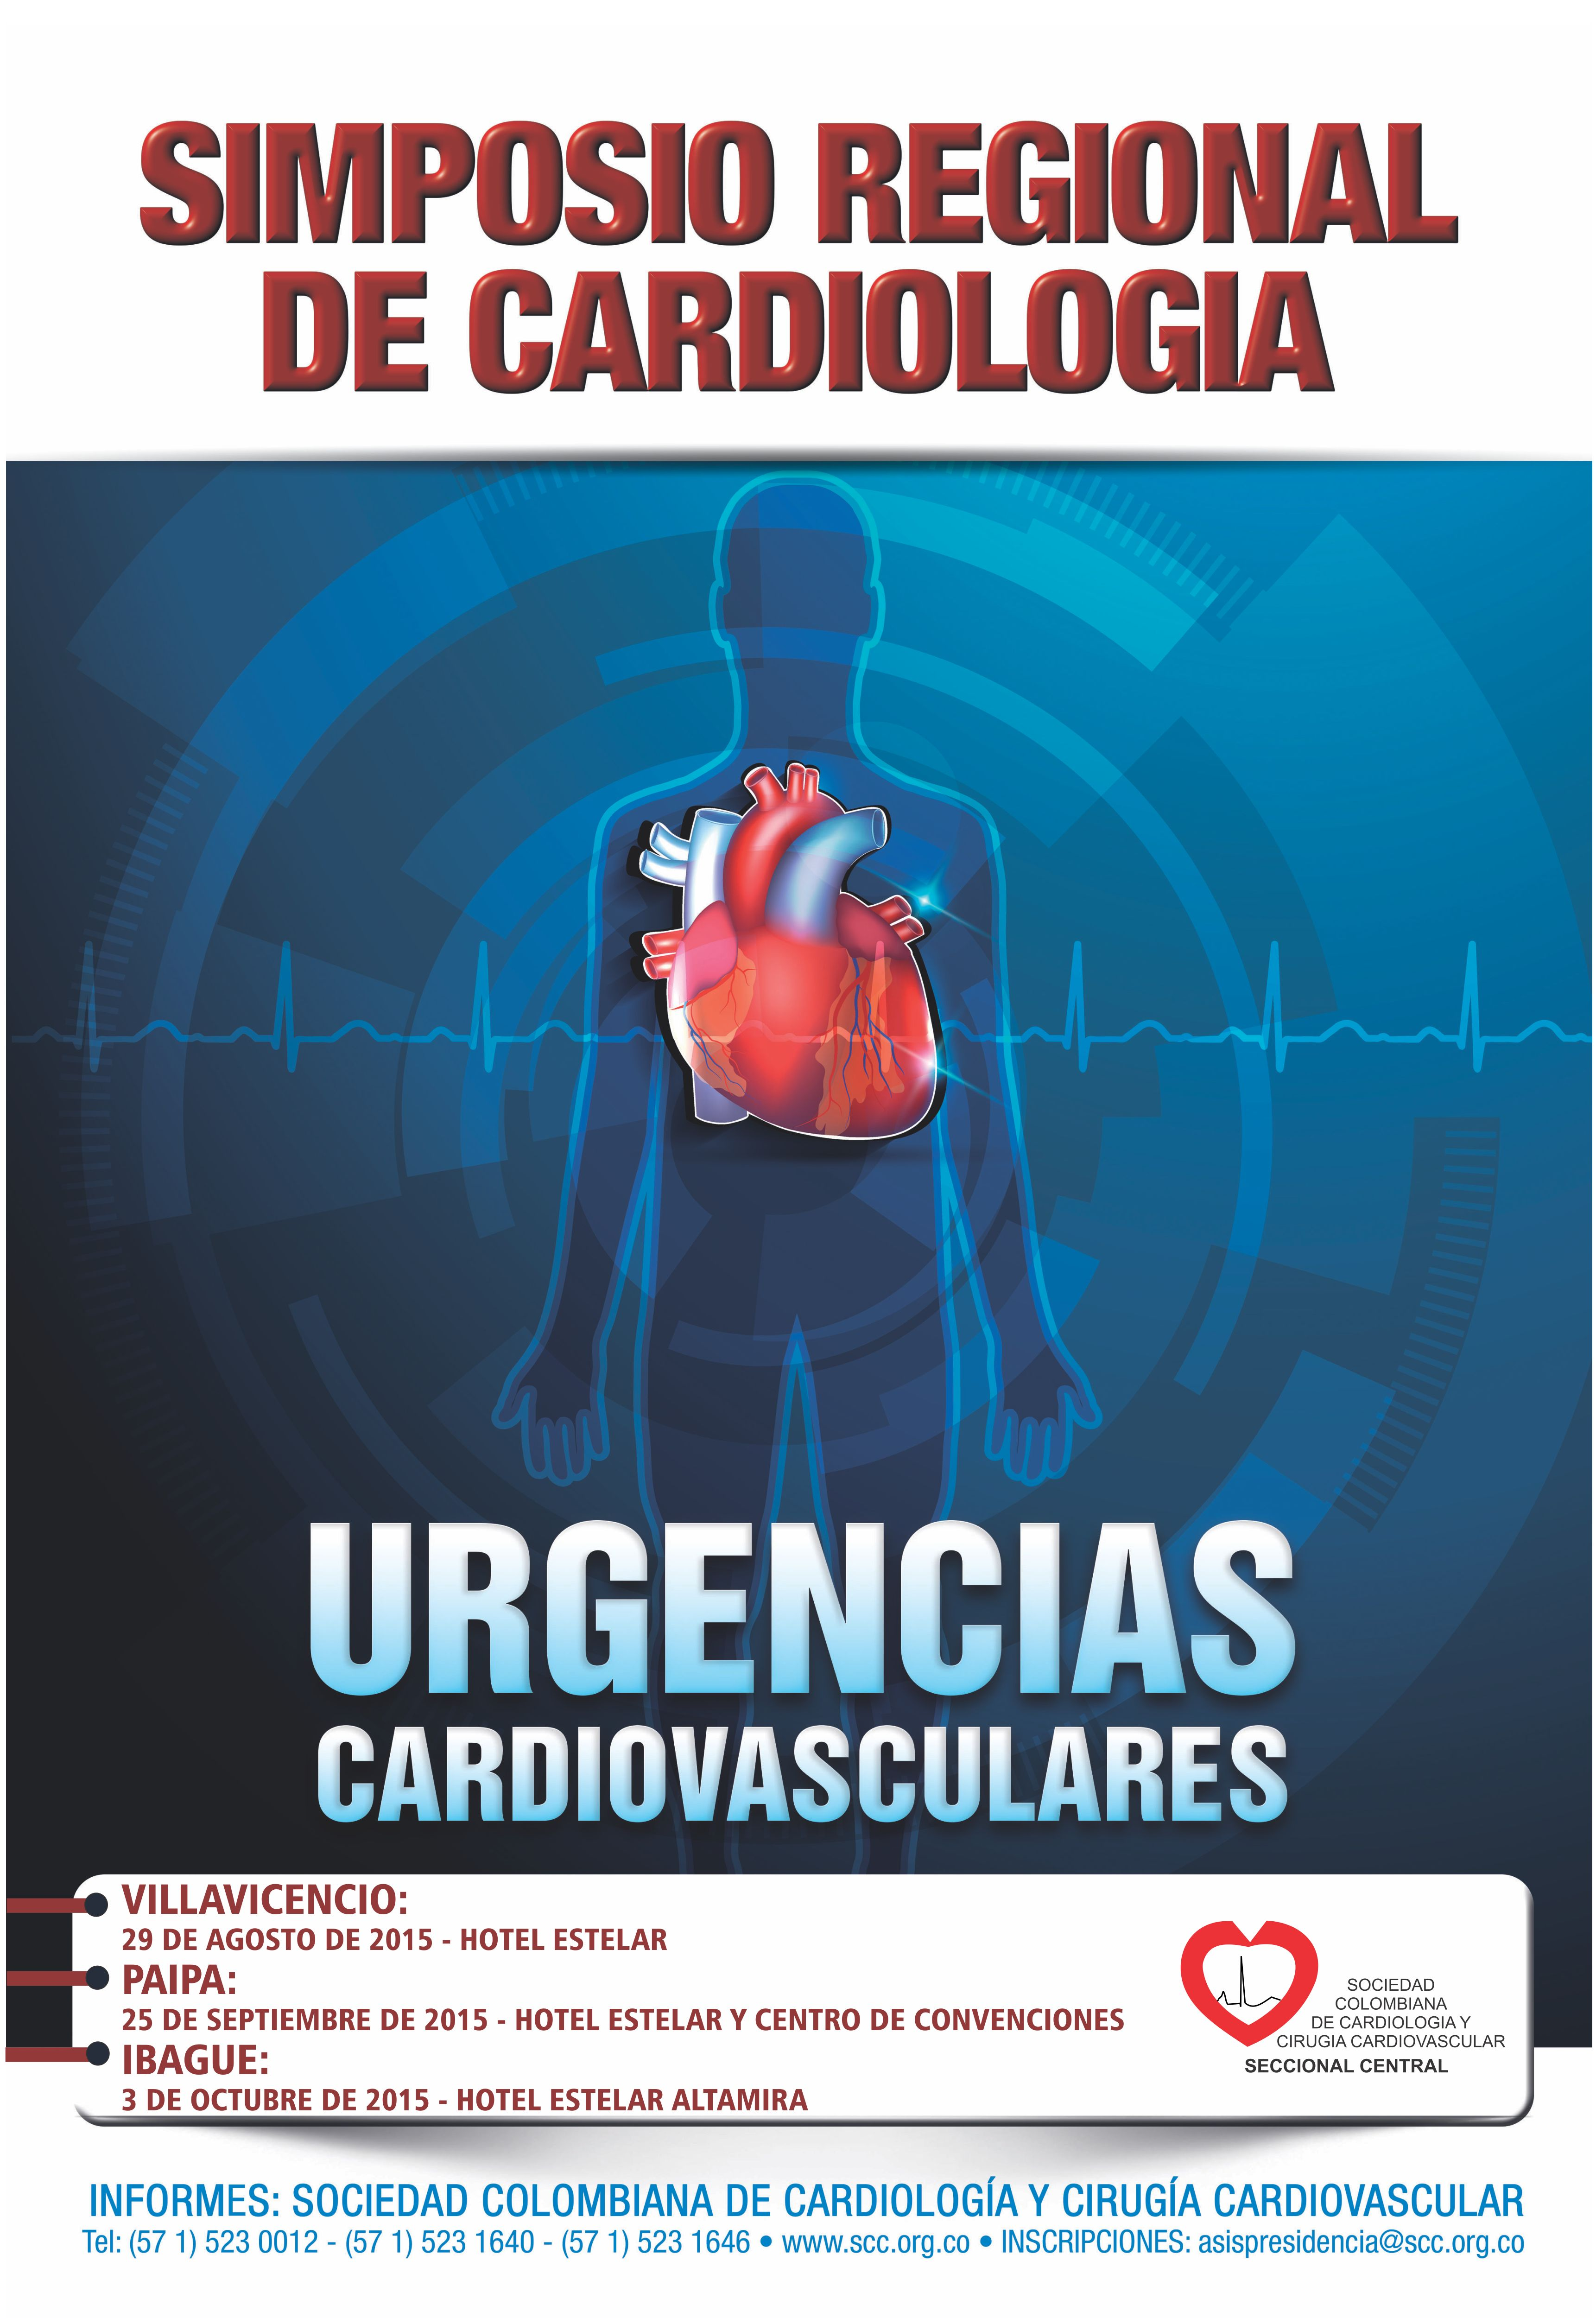 Próximamente Simposio Regional de Cardiologia @ Villavicencio /Hotel Estelar